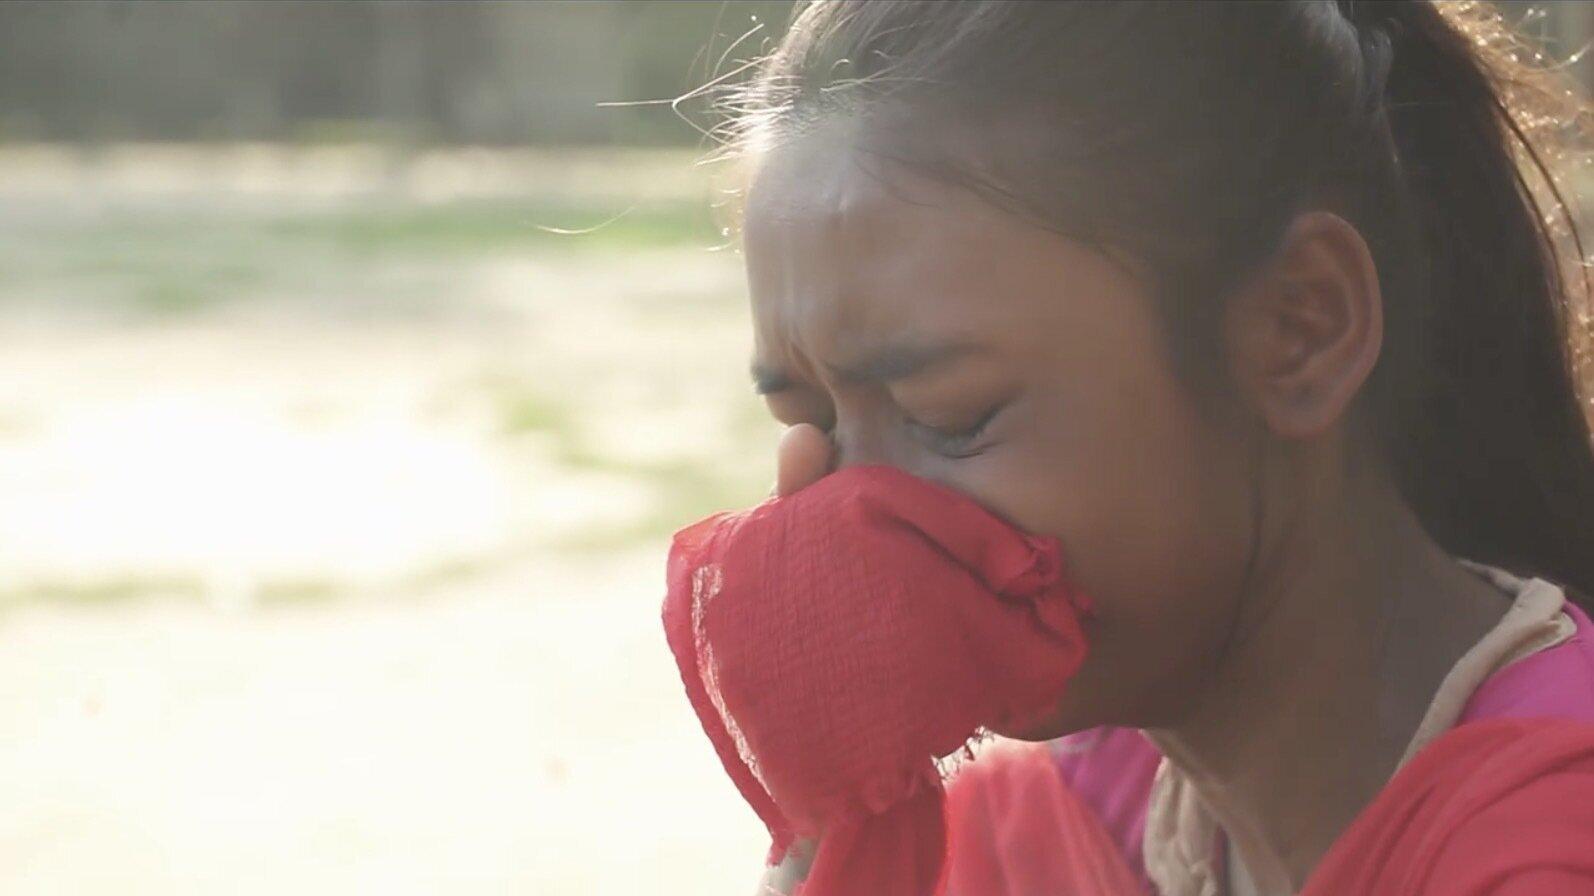 「それでもママに愛されたい」世襲セックスワーカーの街に生きる少女たち